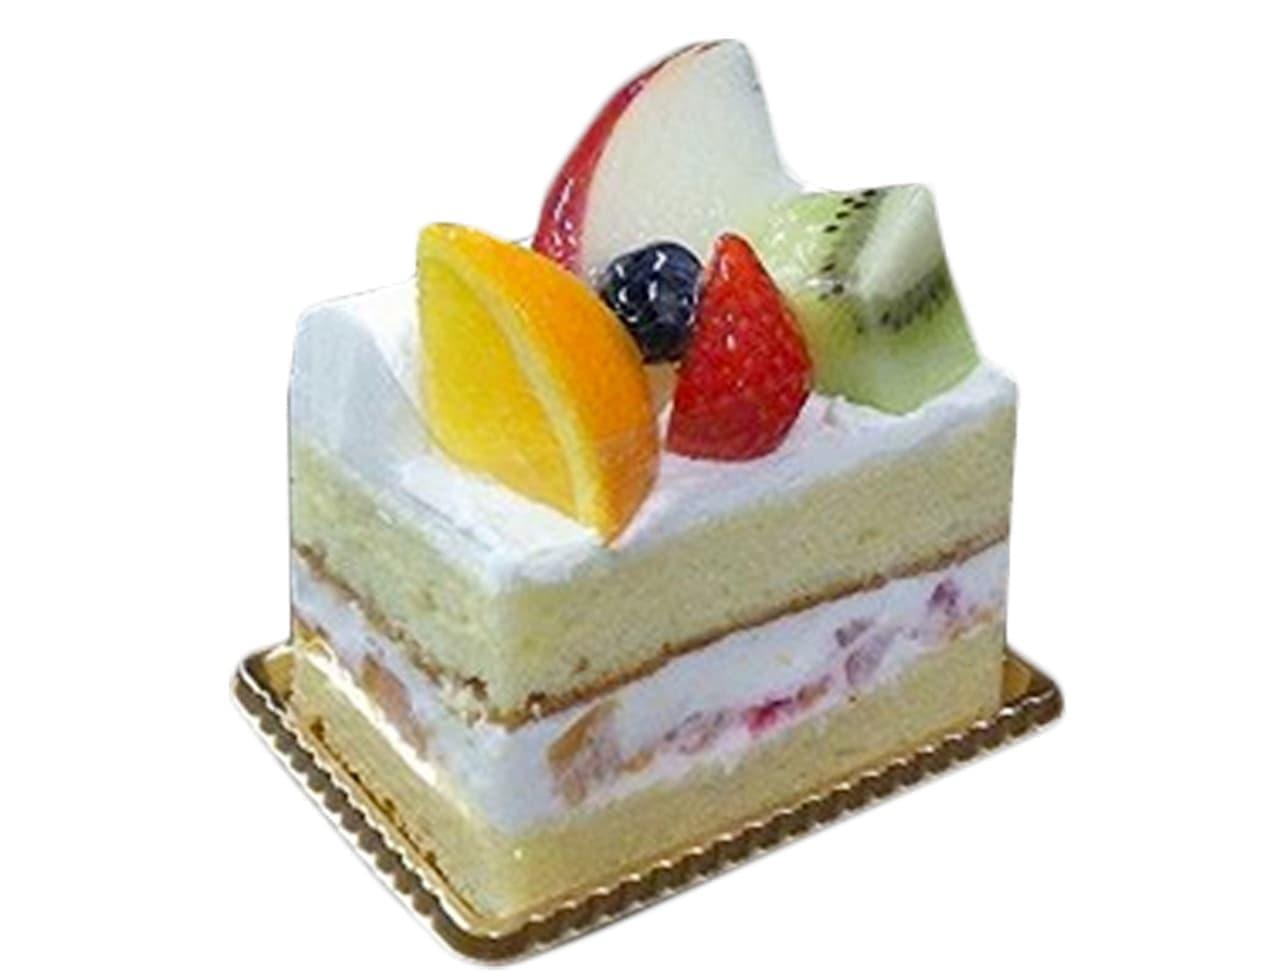 シャトレーゼ「フルーツぎっしりショートケーキ」